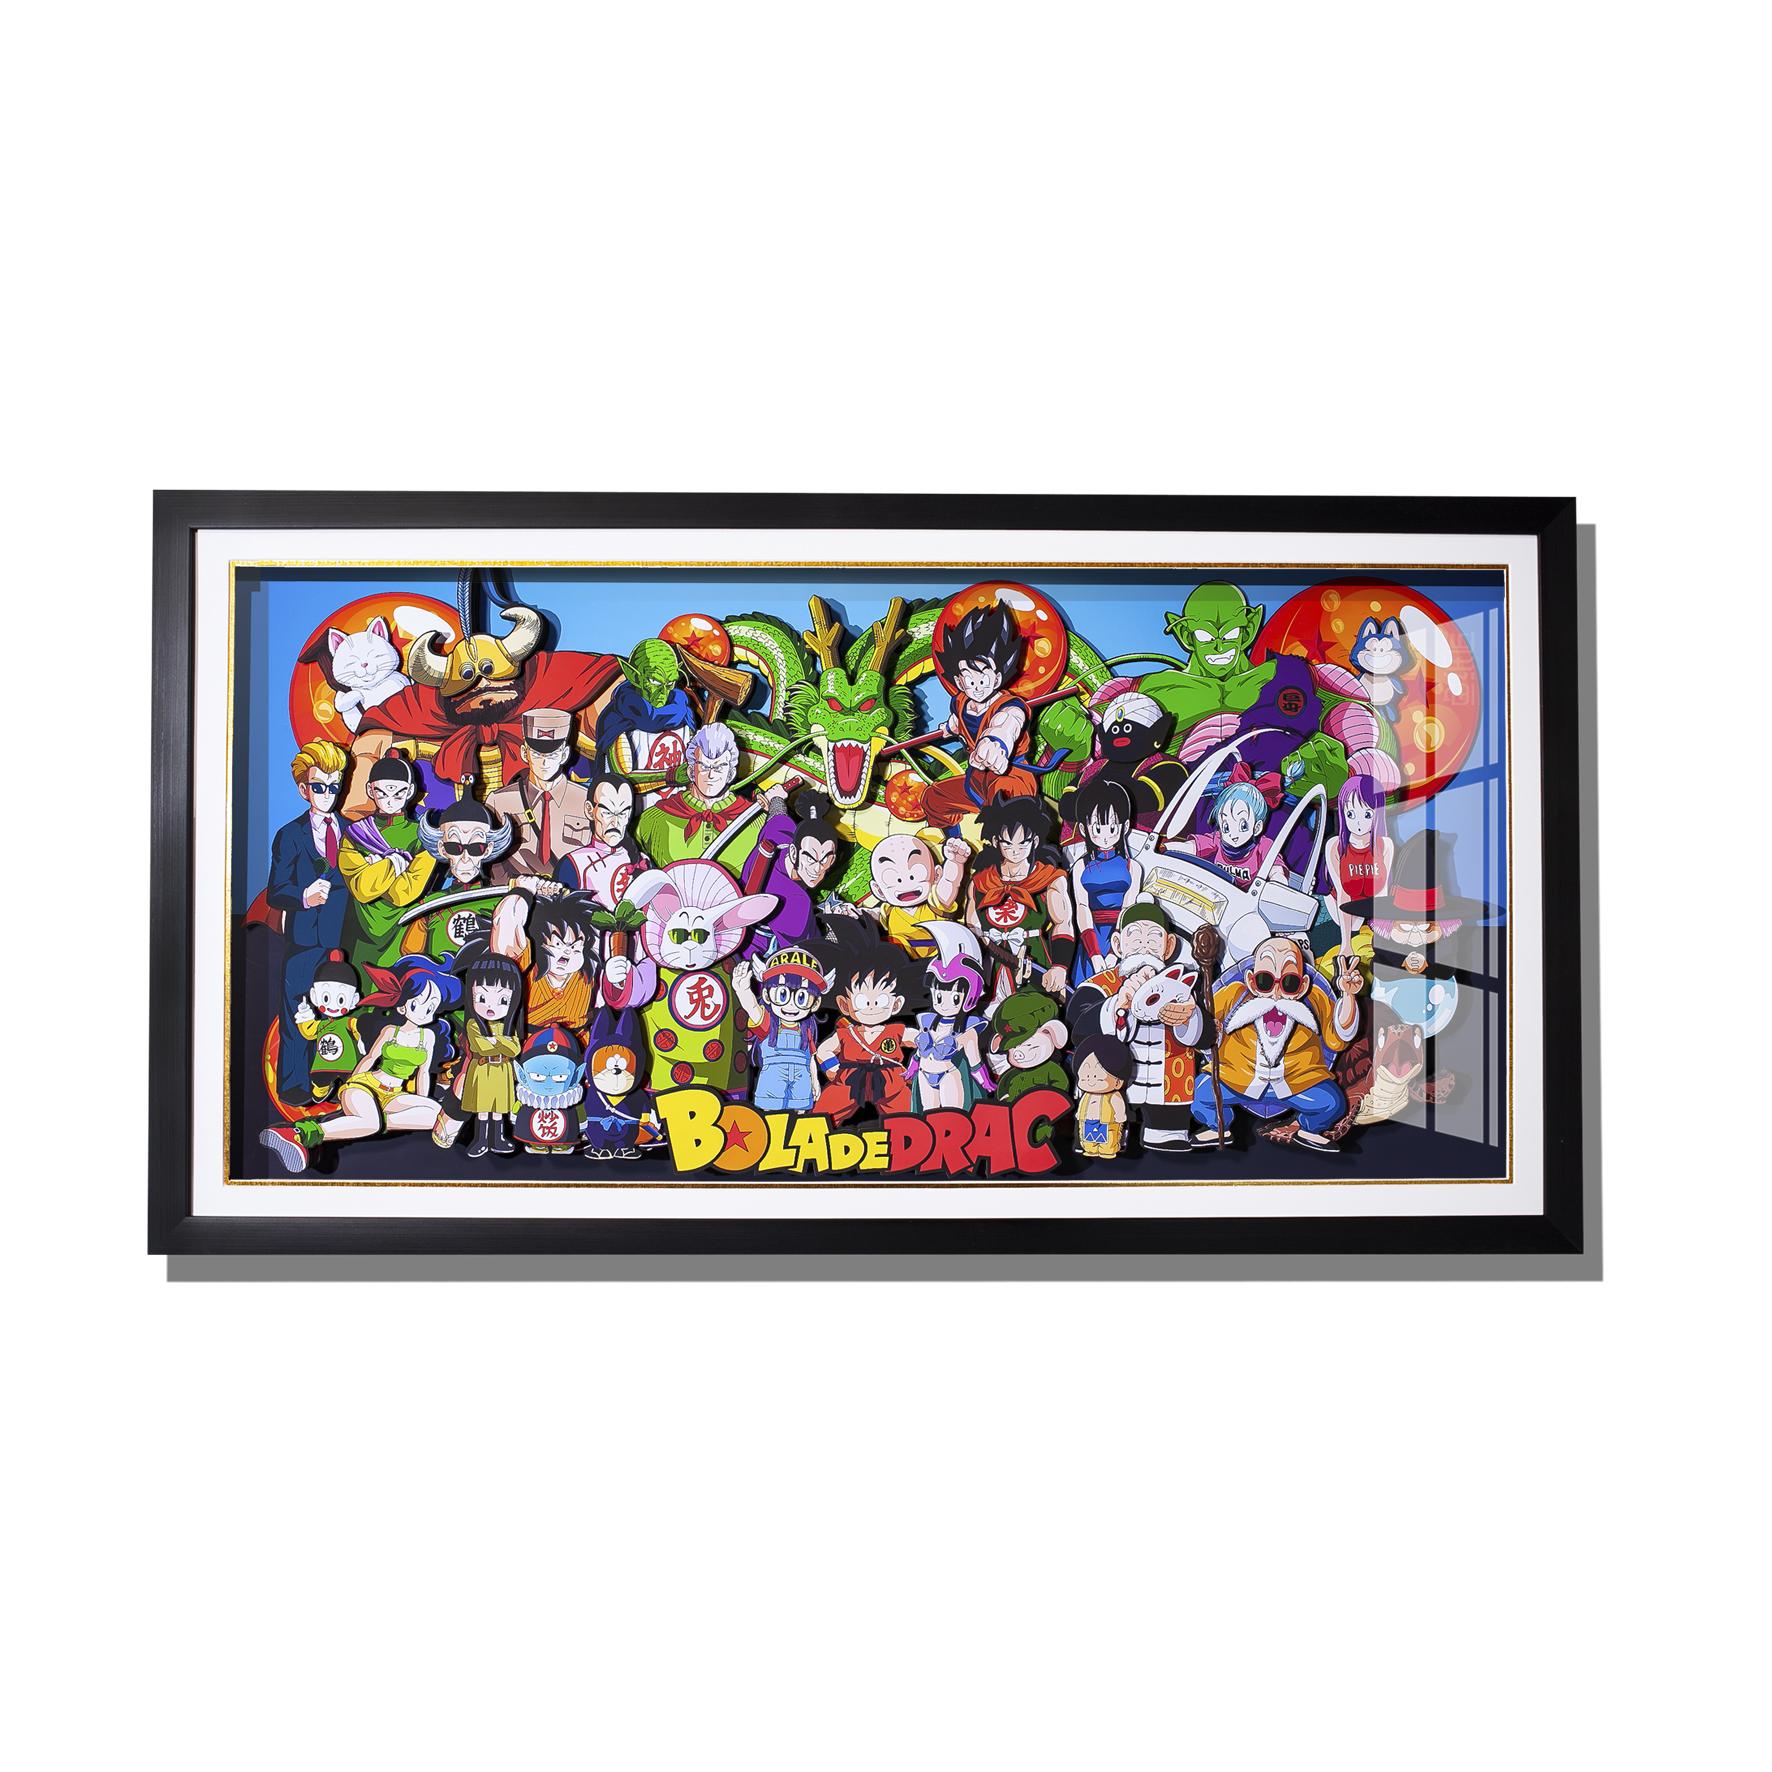 七龙珠悟空全员手办周边 纸艺立体画手工画 客厅装饰画 艺术画